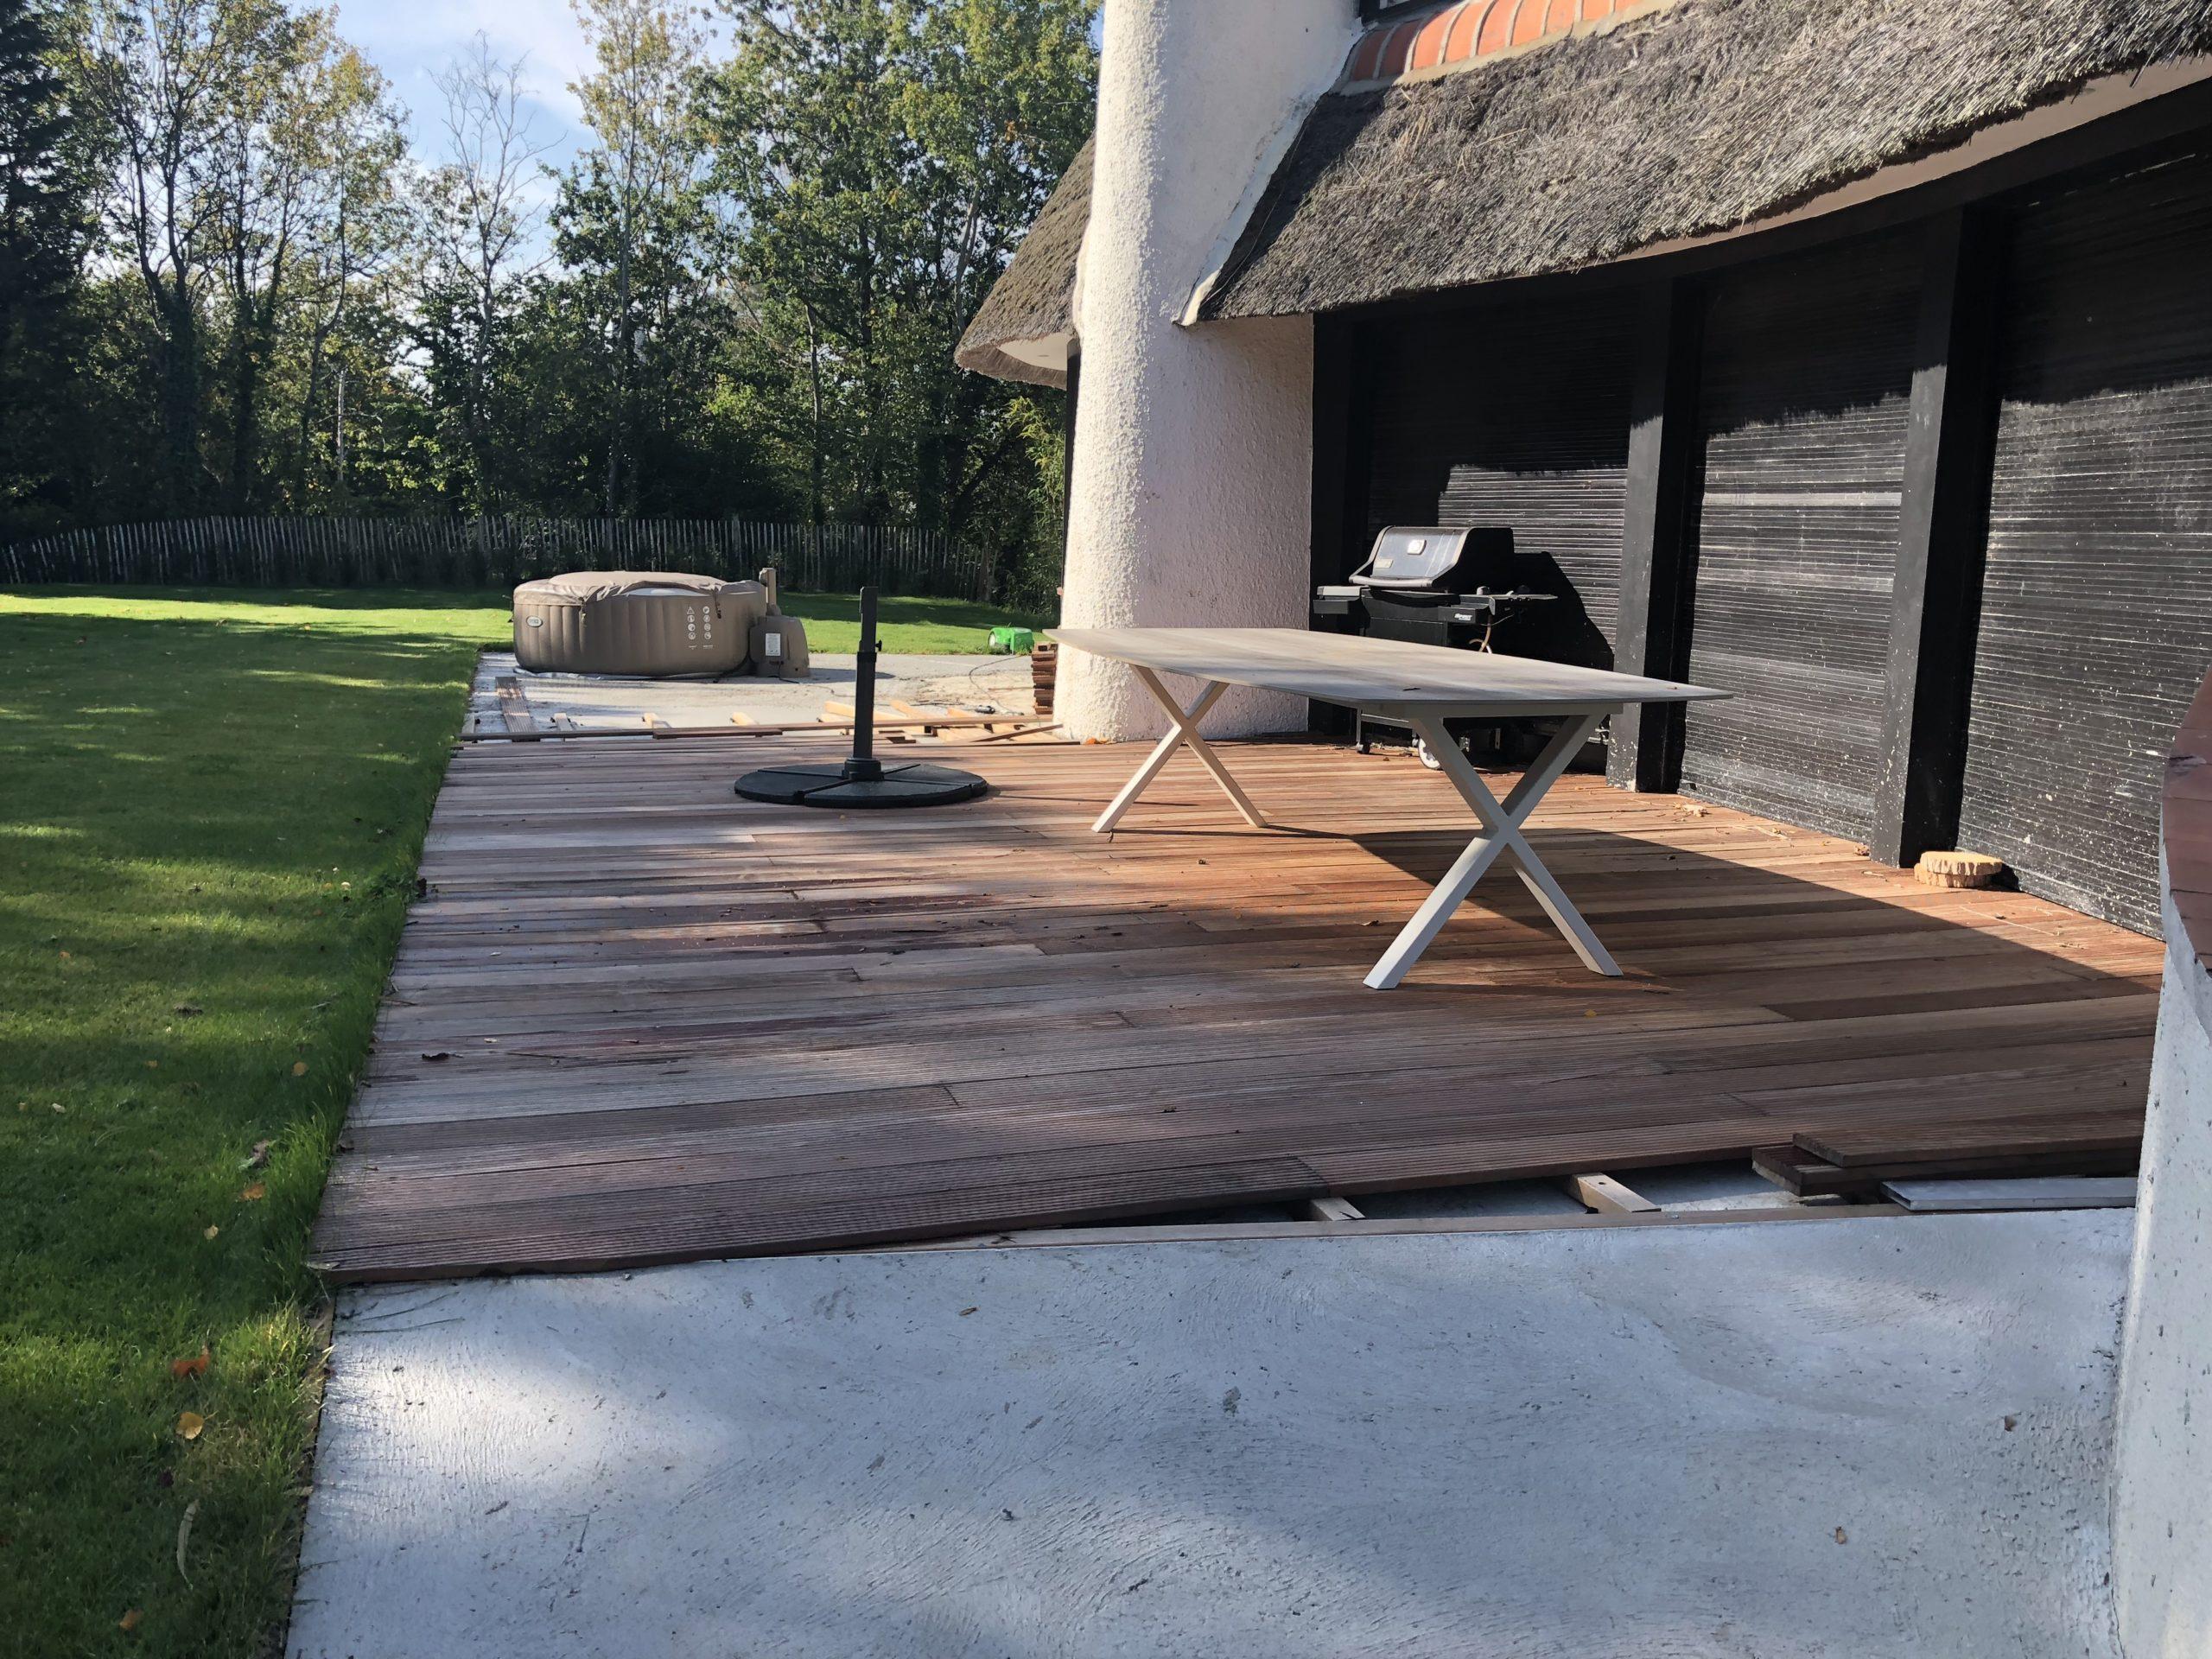 réalisation d'une terrasse bois PAYSAGE SERVICE